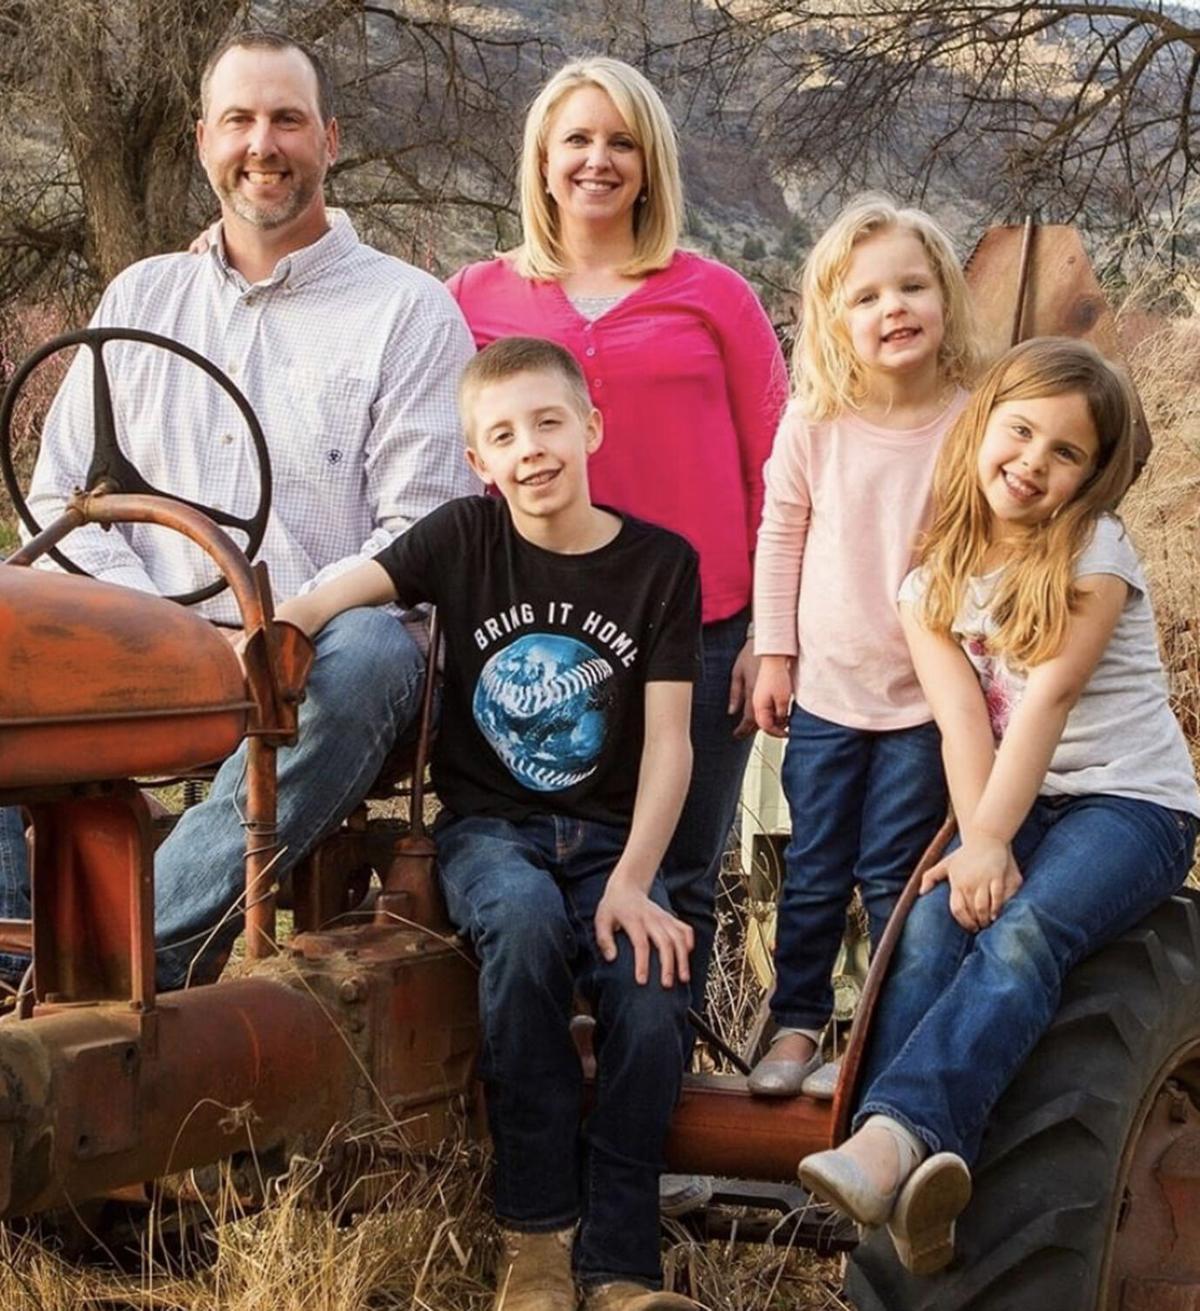 Thomas family picture